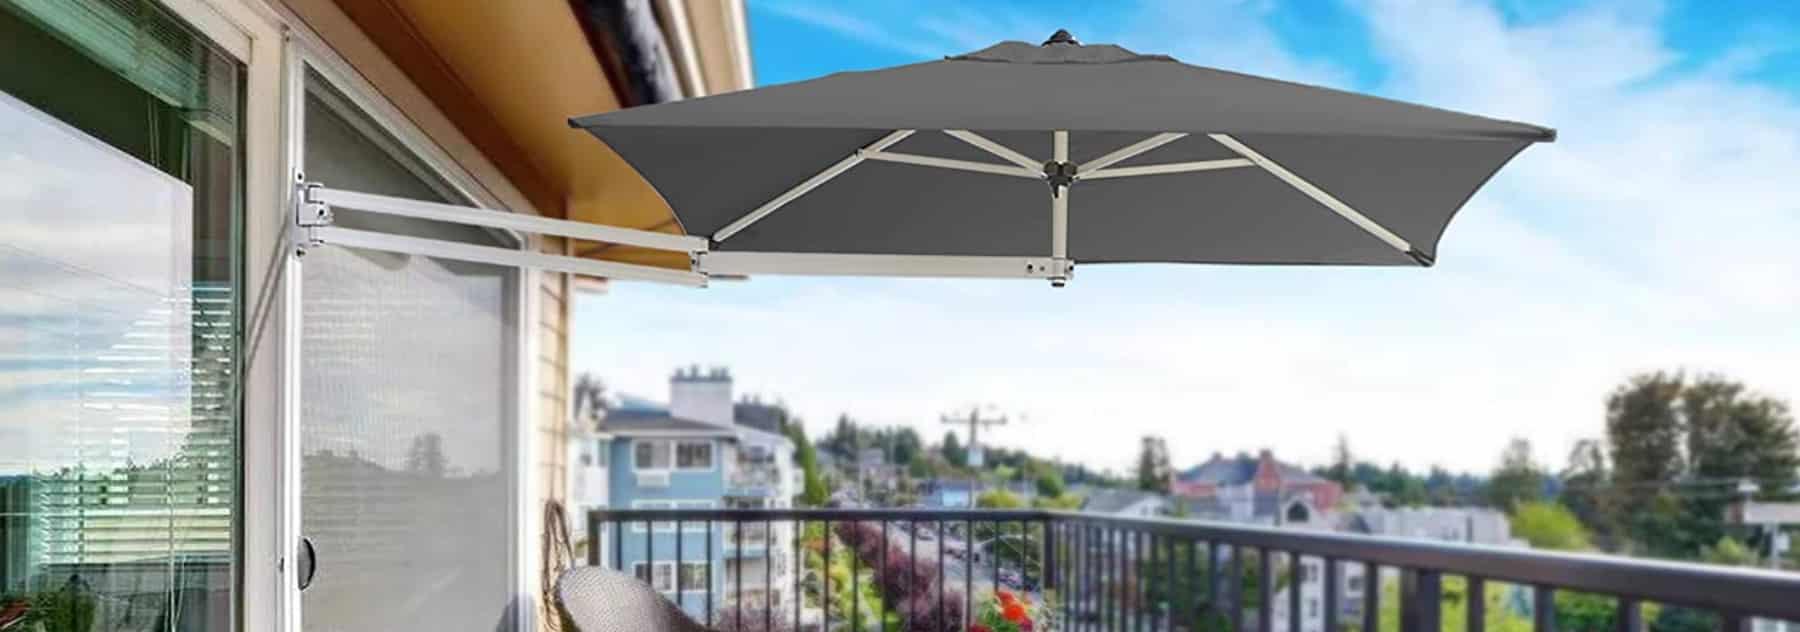 Comparatif pour choisir le meilleur parasol mural